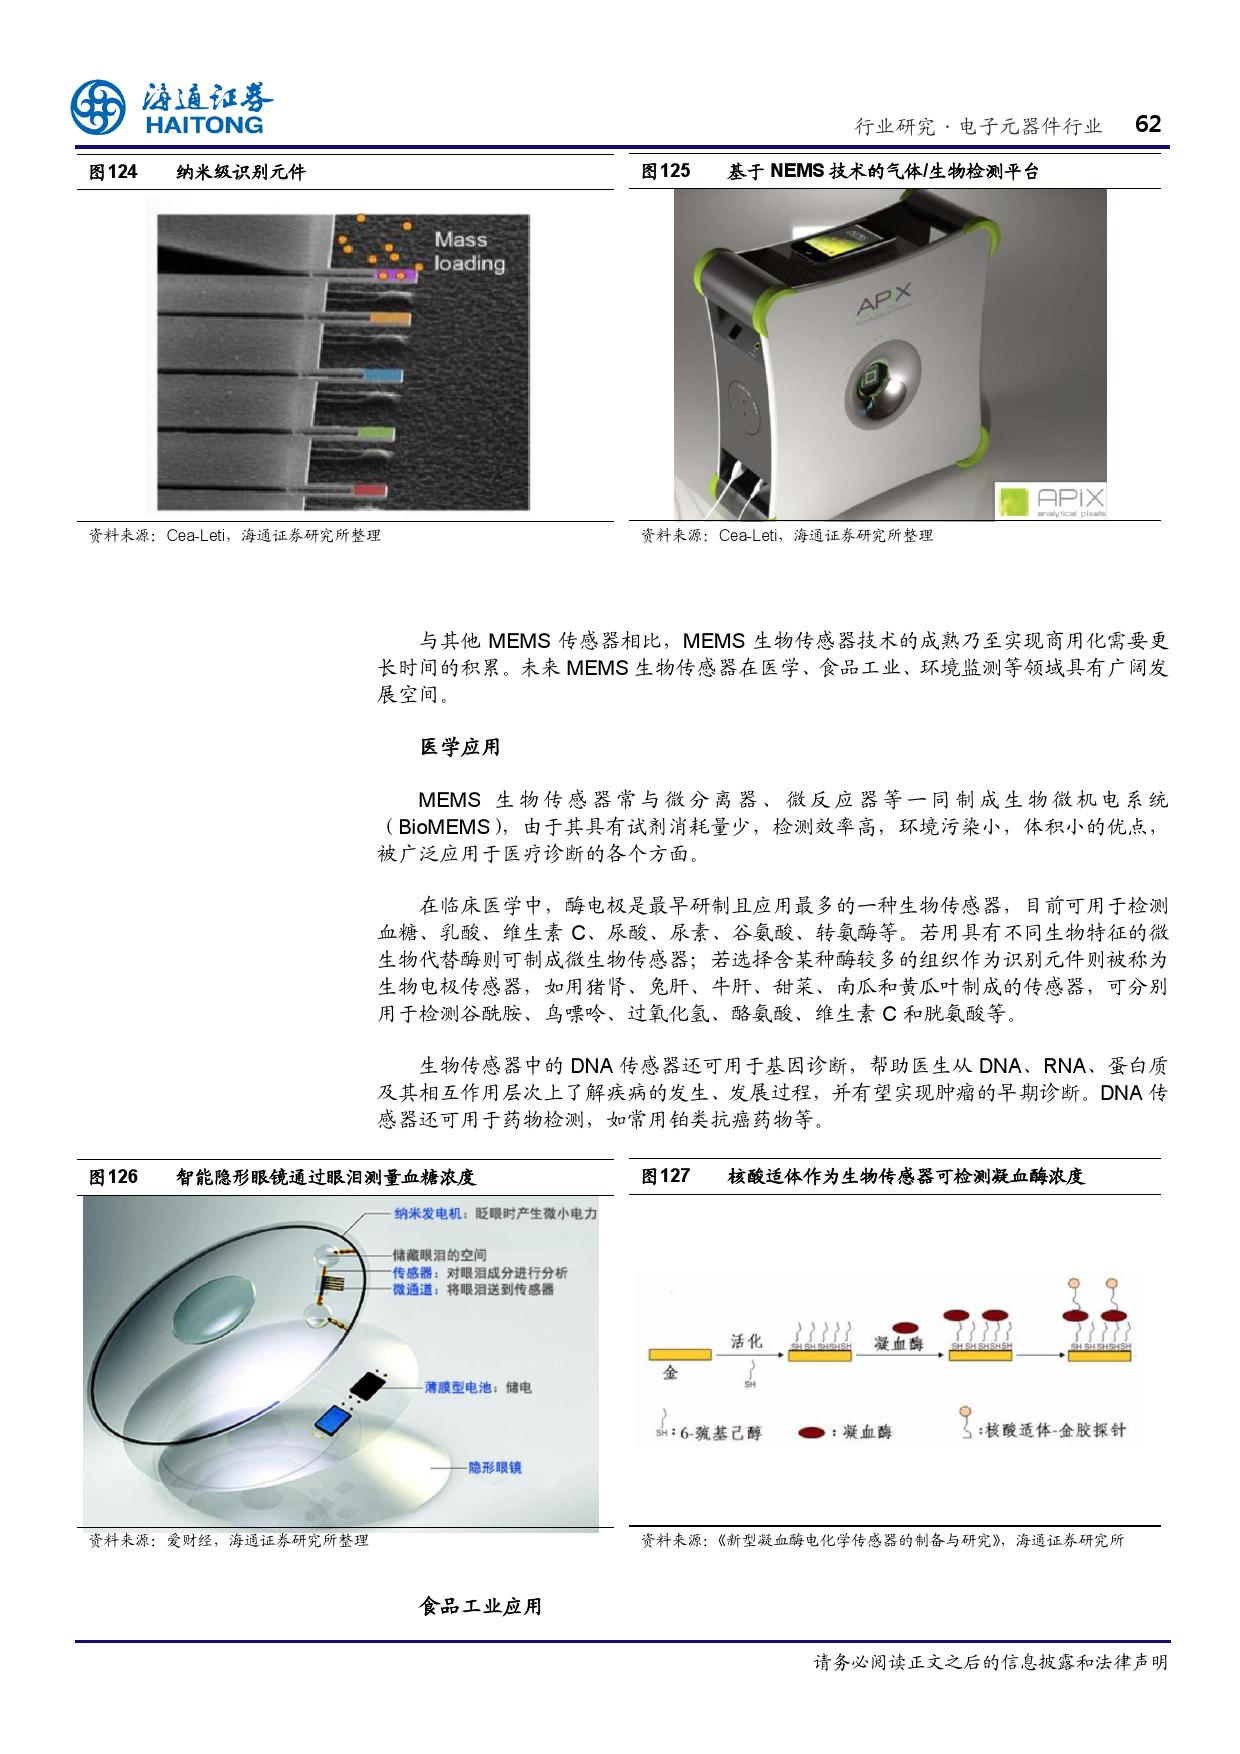 报告全解传感器全球产业链_000062